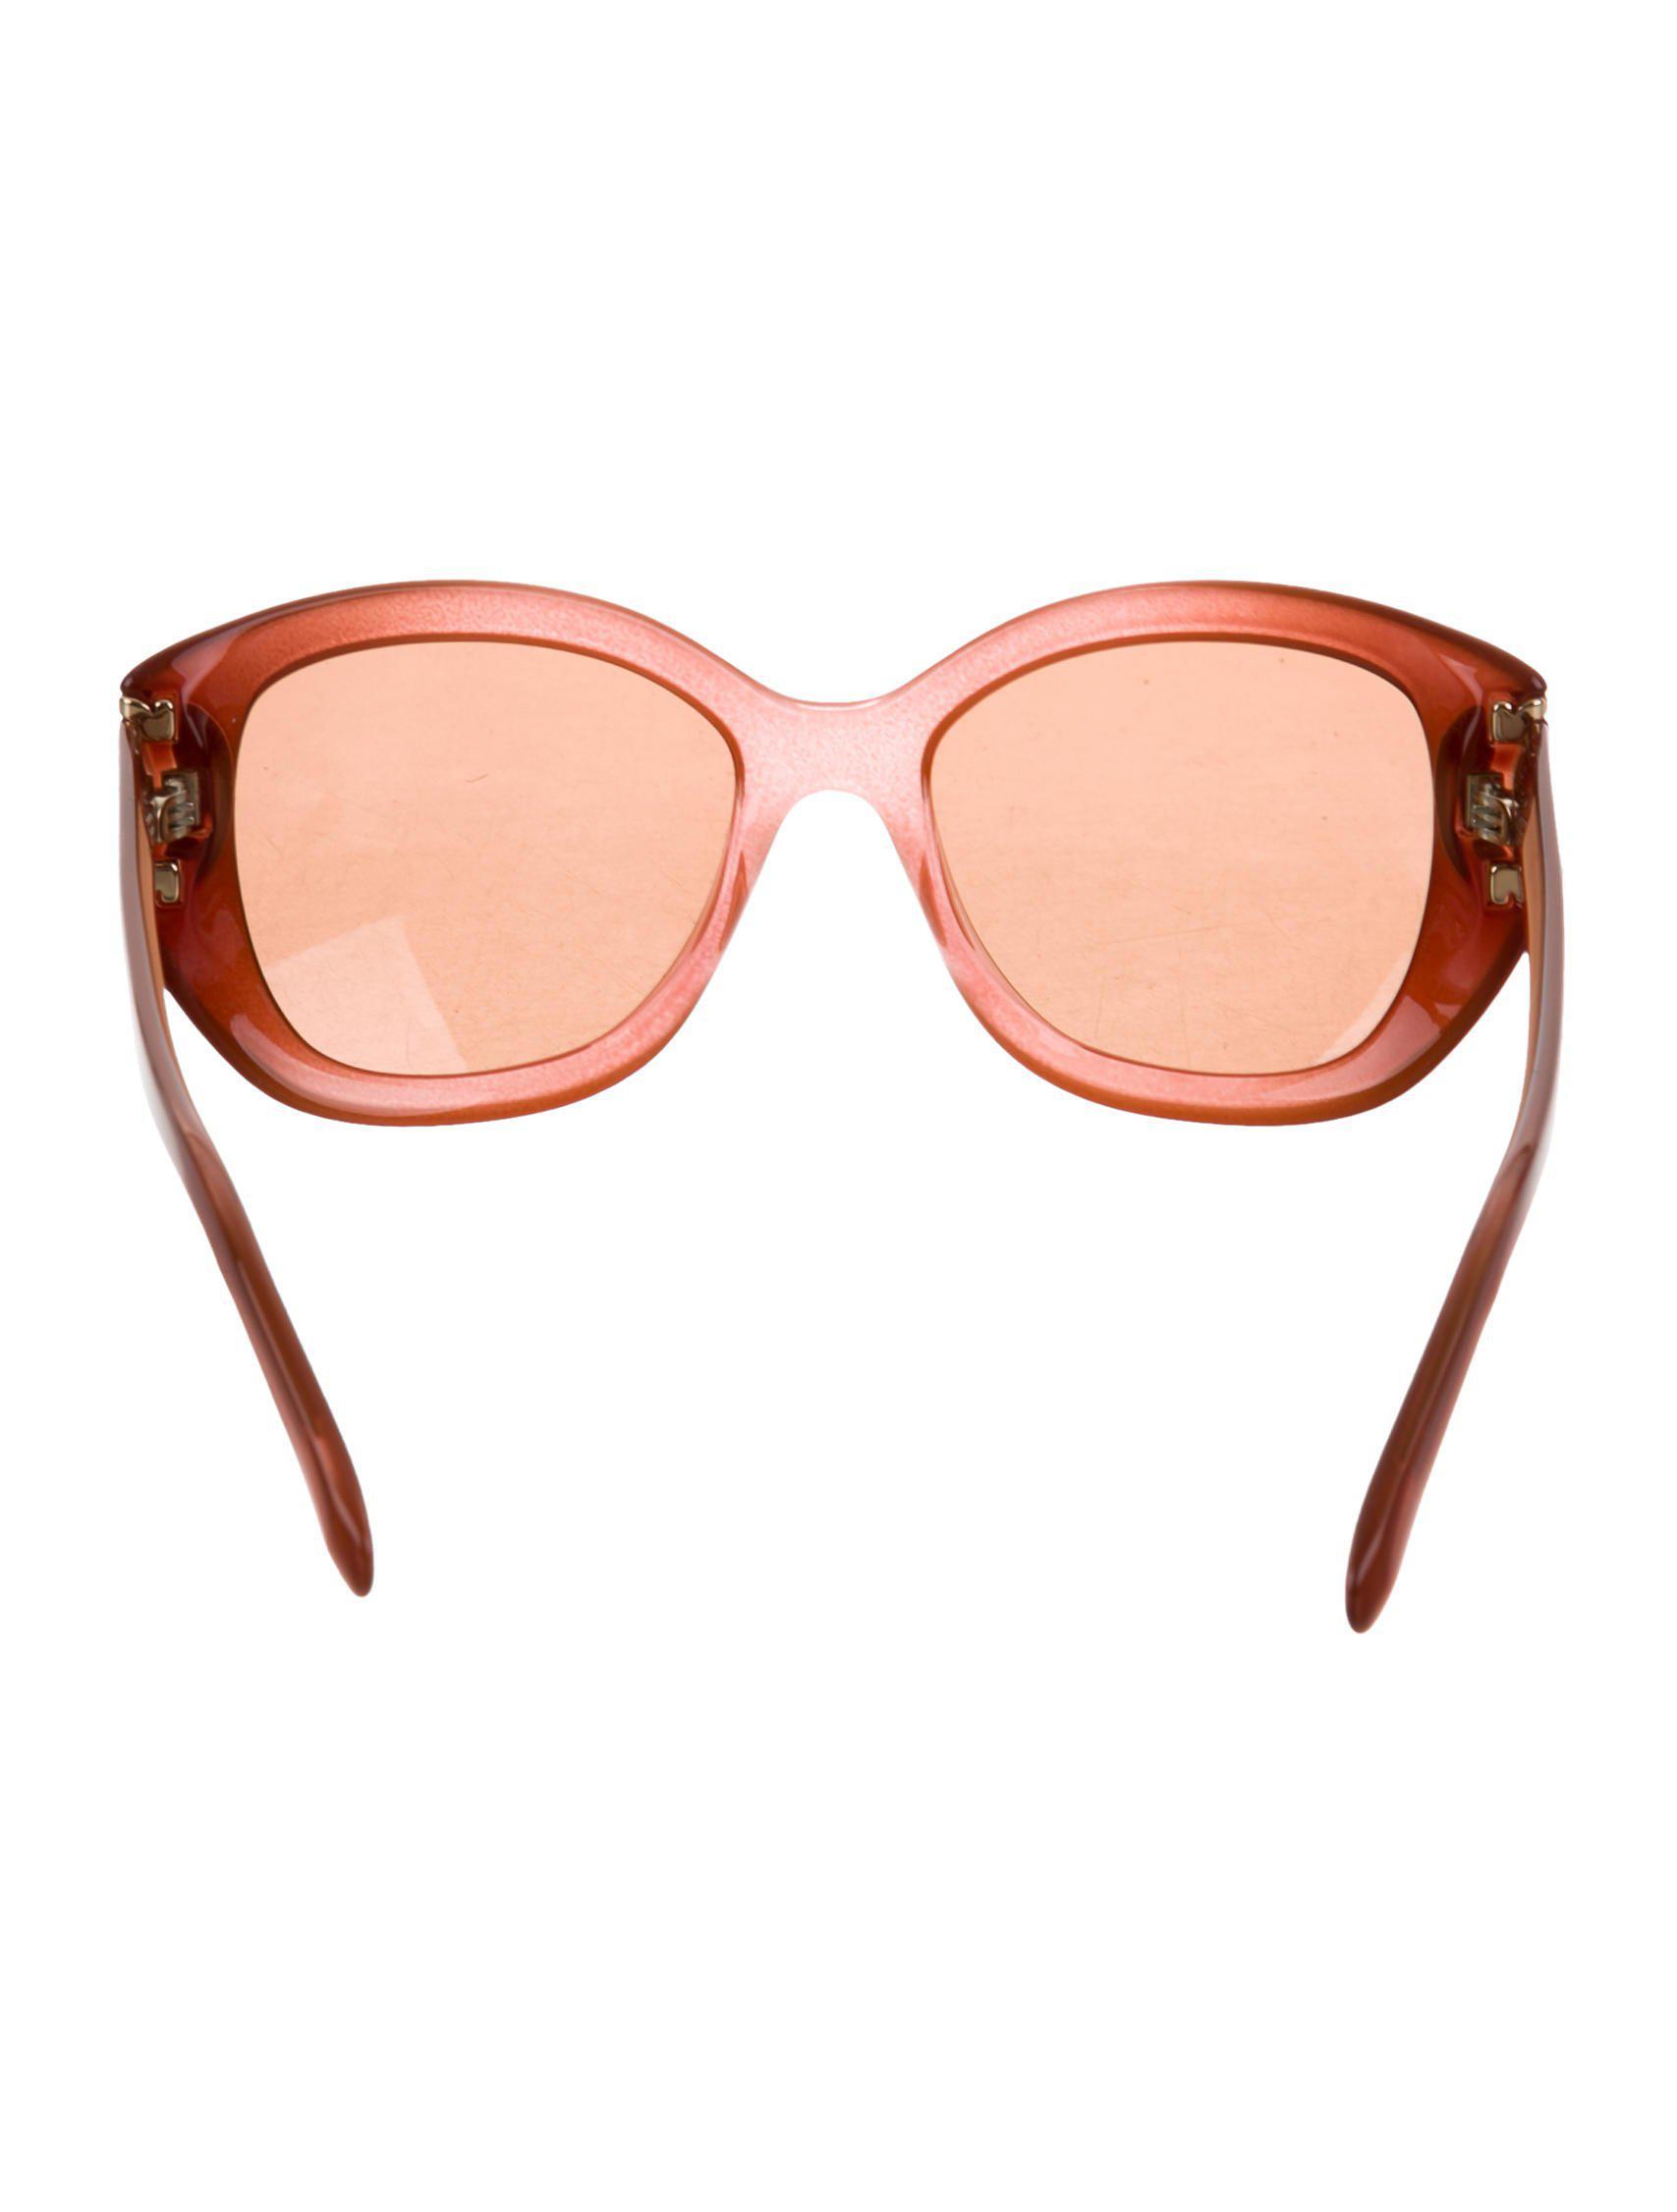 ebfb1c0a80a1 Lyst - Ferragamo Cat-eye Tinted Sunglasses W  Tags Orange